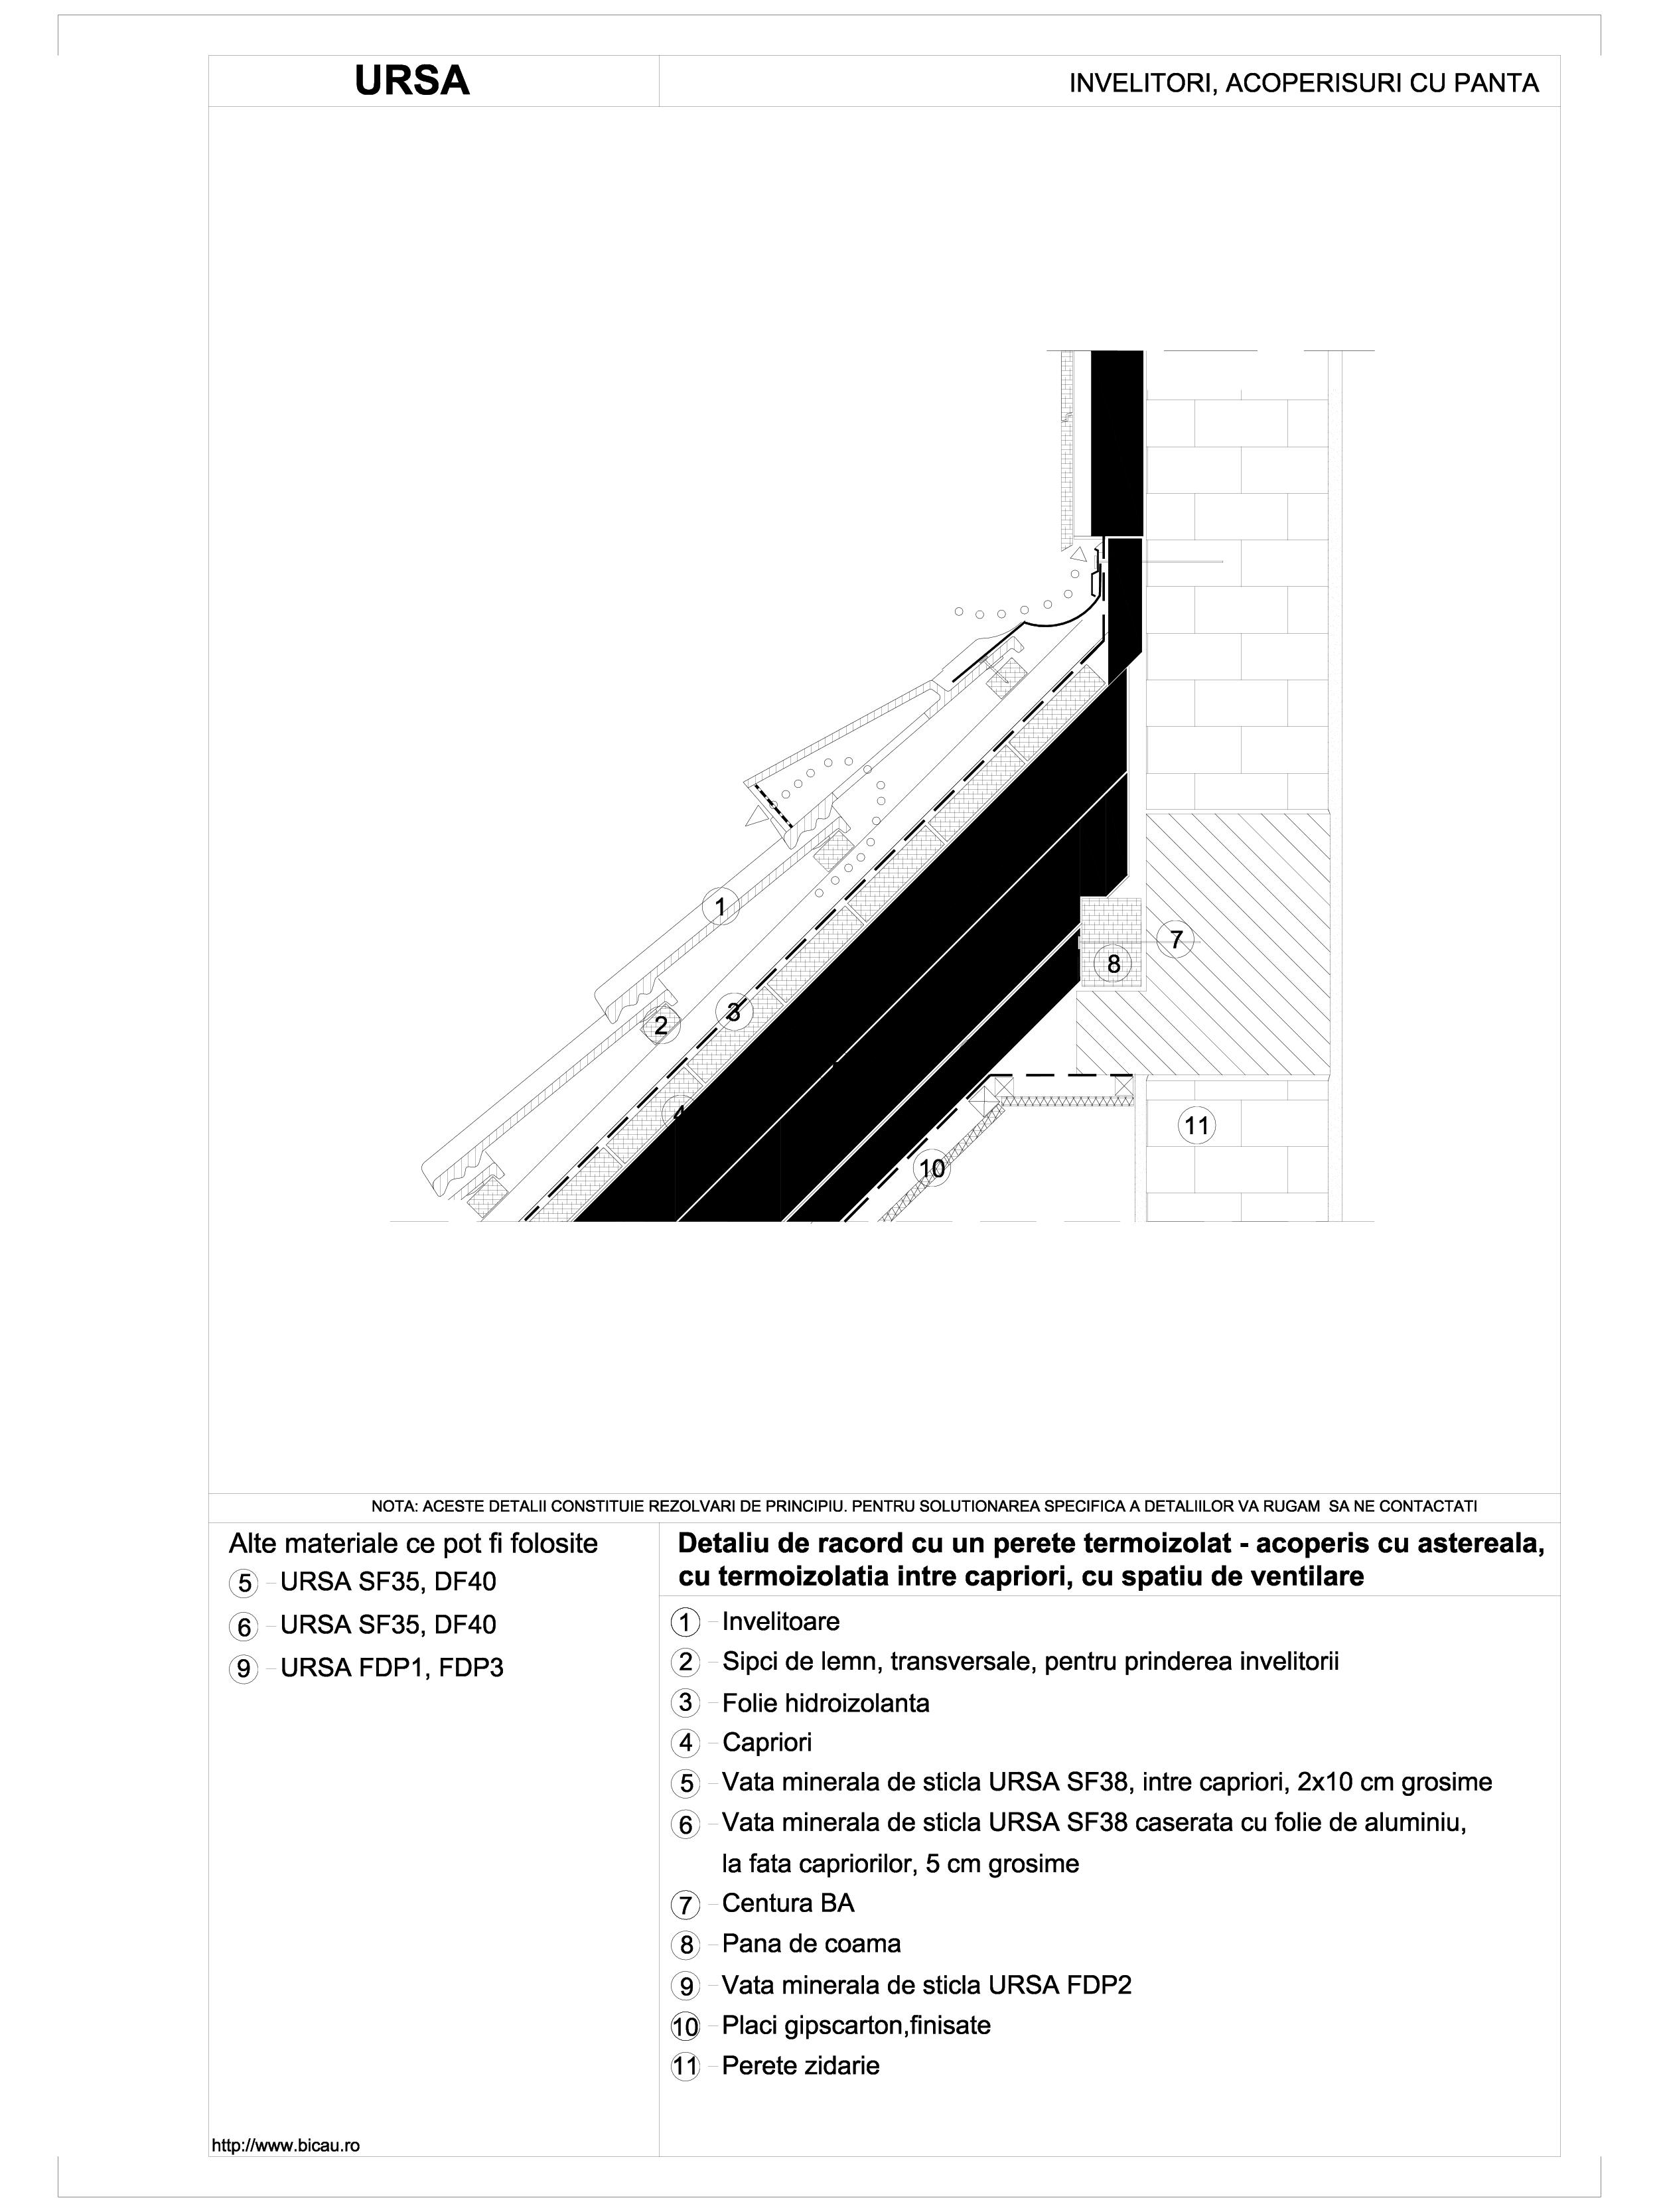 Detaliu de racord cu un perete termoizolat - acoperis cu astereala, cu termoizolatia intre capriori, cu spatiu dublu de ventilare URSA Vata minerala pentru acoperisuri si mansarde URSA ROMANIA   - Pagina 1